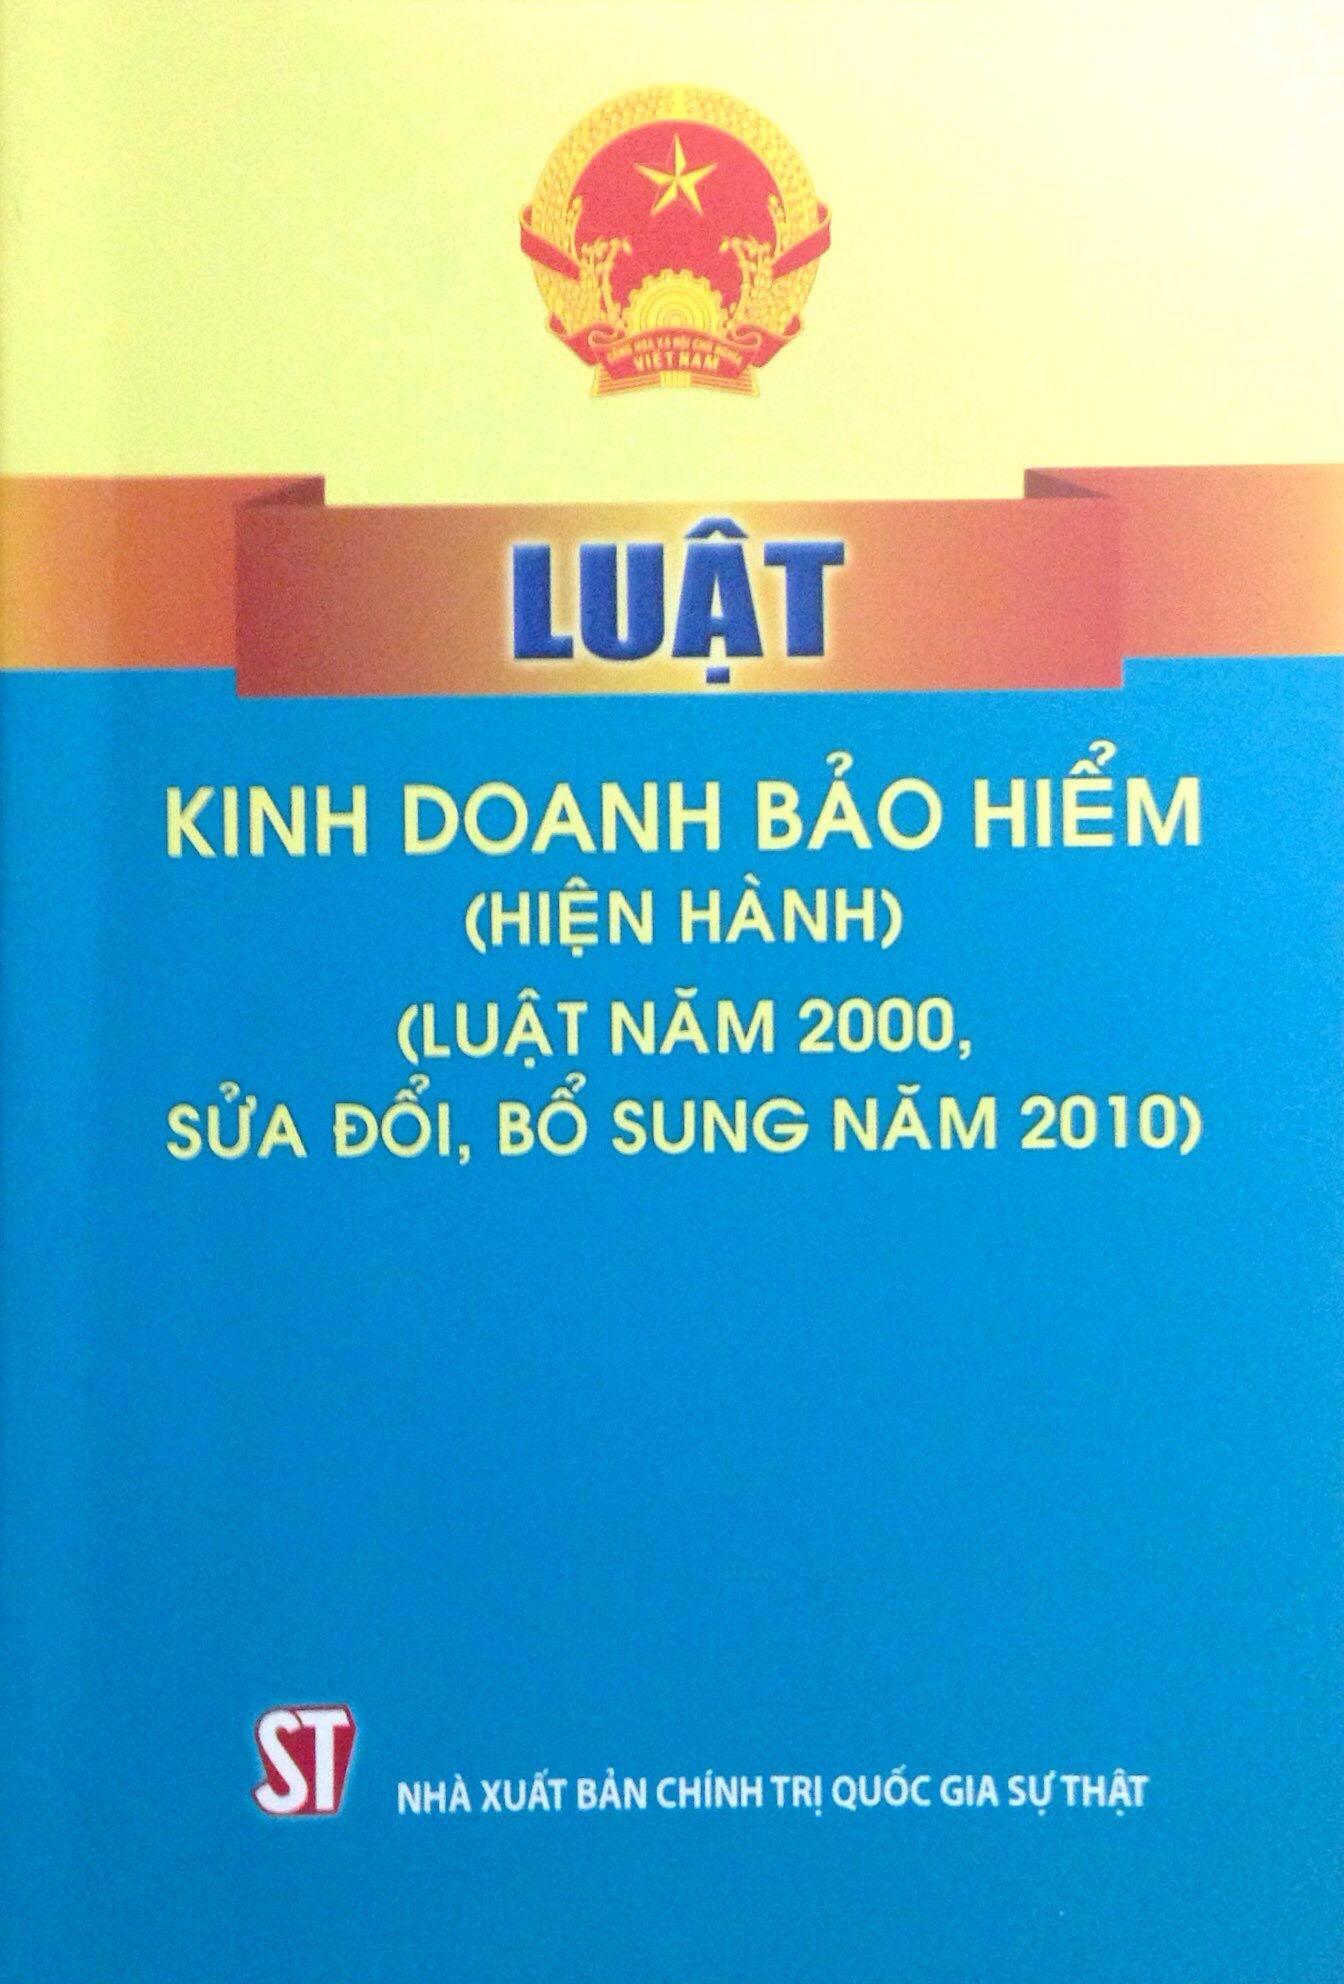 Luật kinh doanh bảo hiểm (hiện hành) (Luật năm 2000, sửa đổi, bổ sung năm 2010)